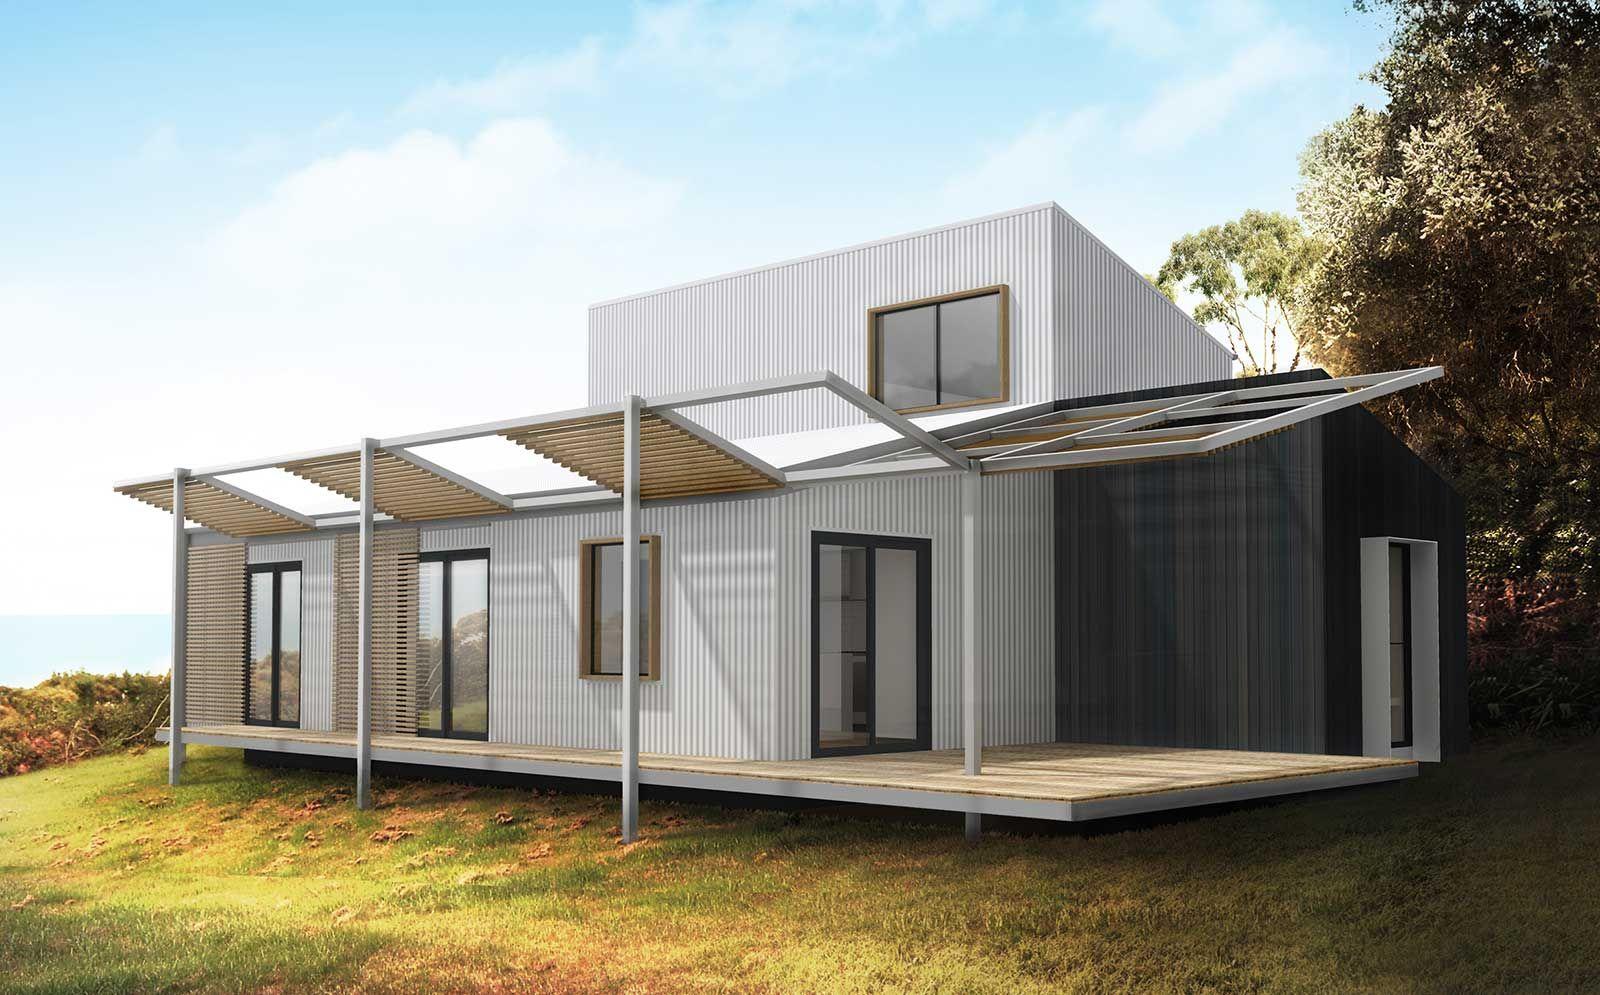 australian mobile homes